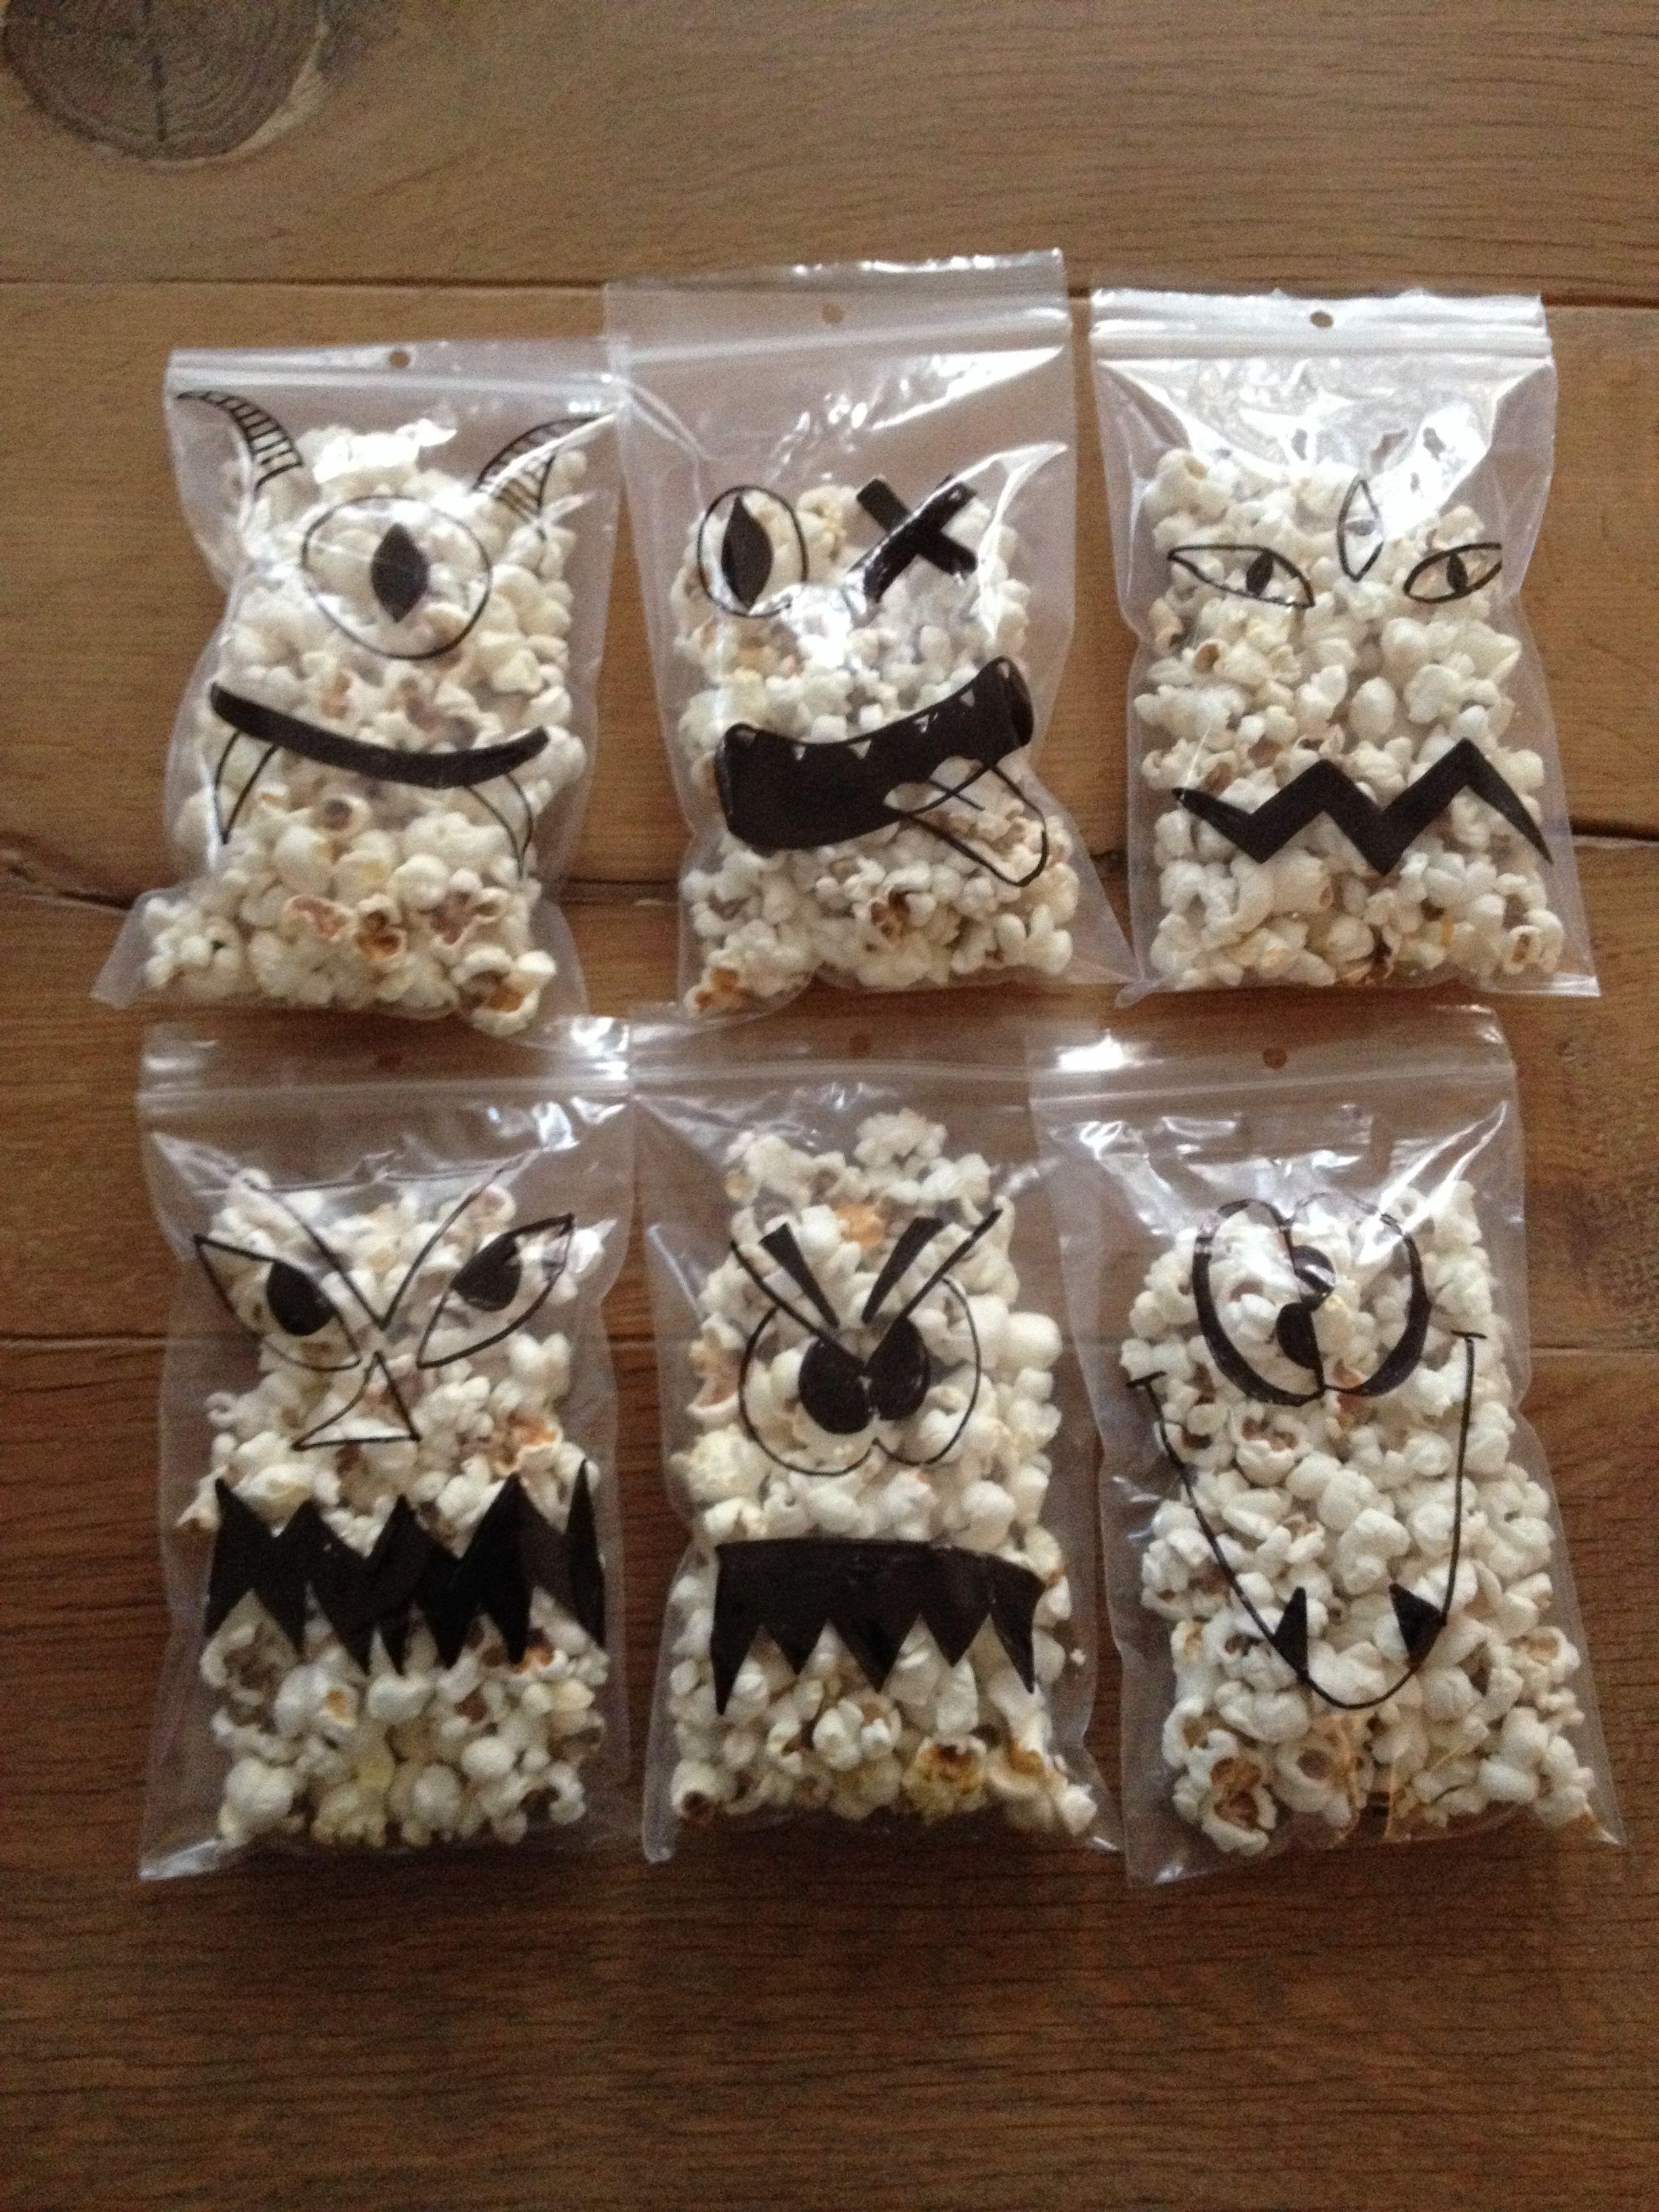 Halloween Traktatie.Popcorn Traktatie Monstertjes In Zakjes Halloween Verjaardagsfeestjes Traktaties Halloweensnoepjes